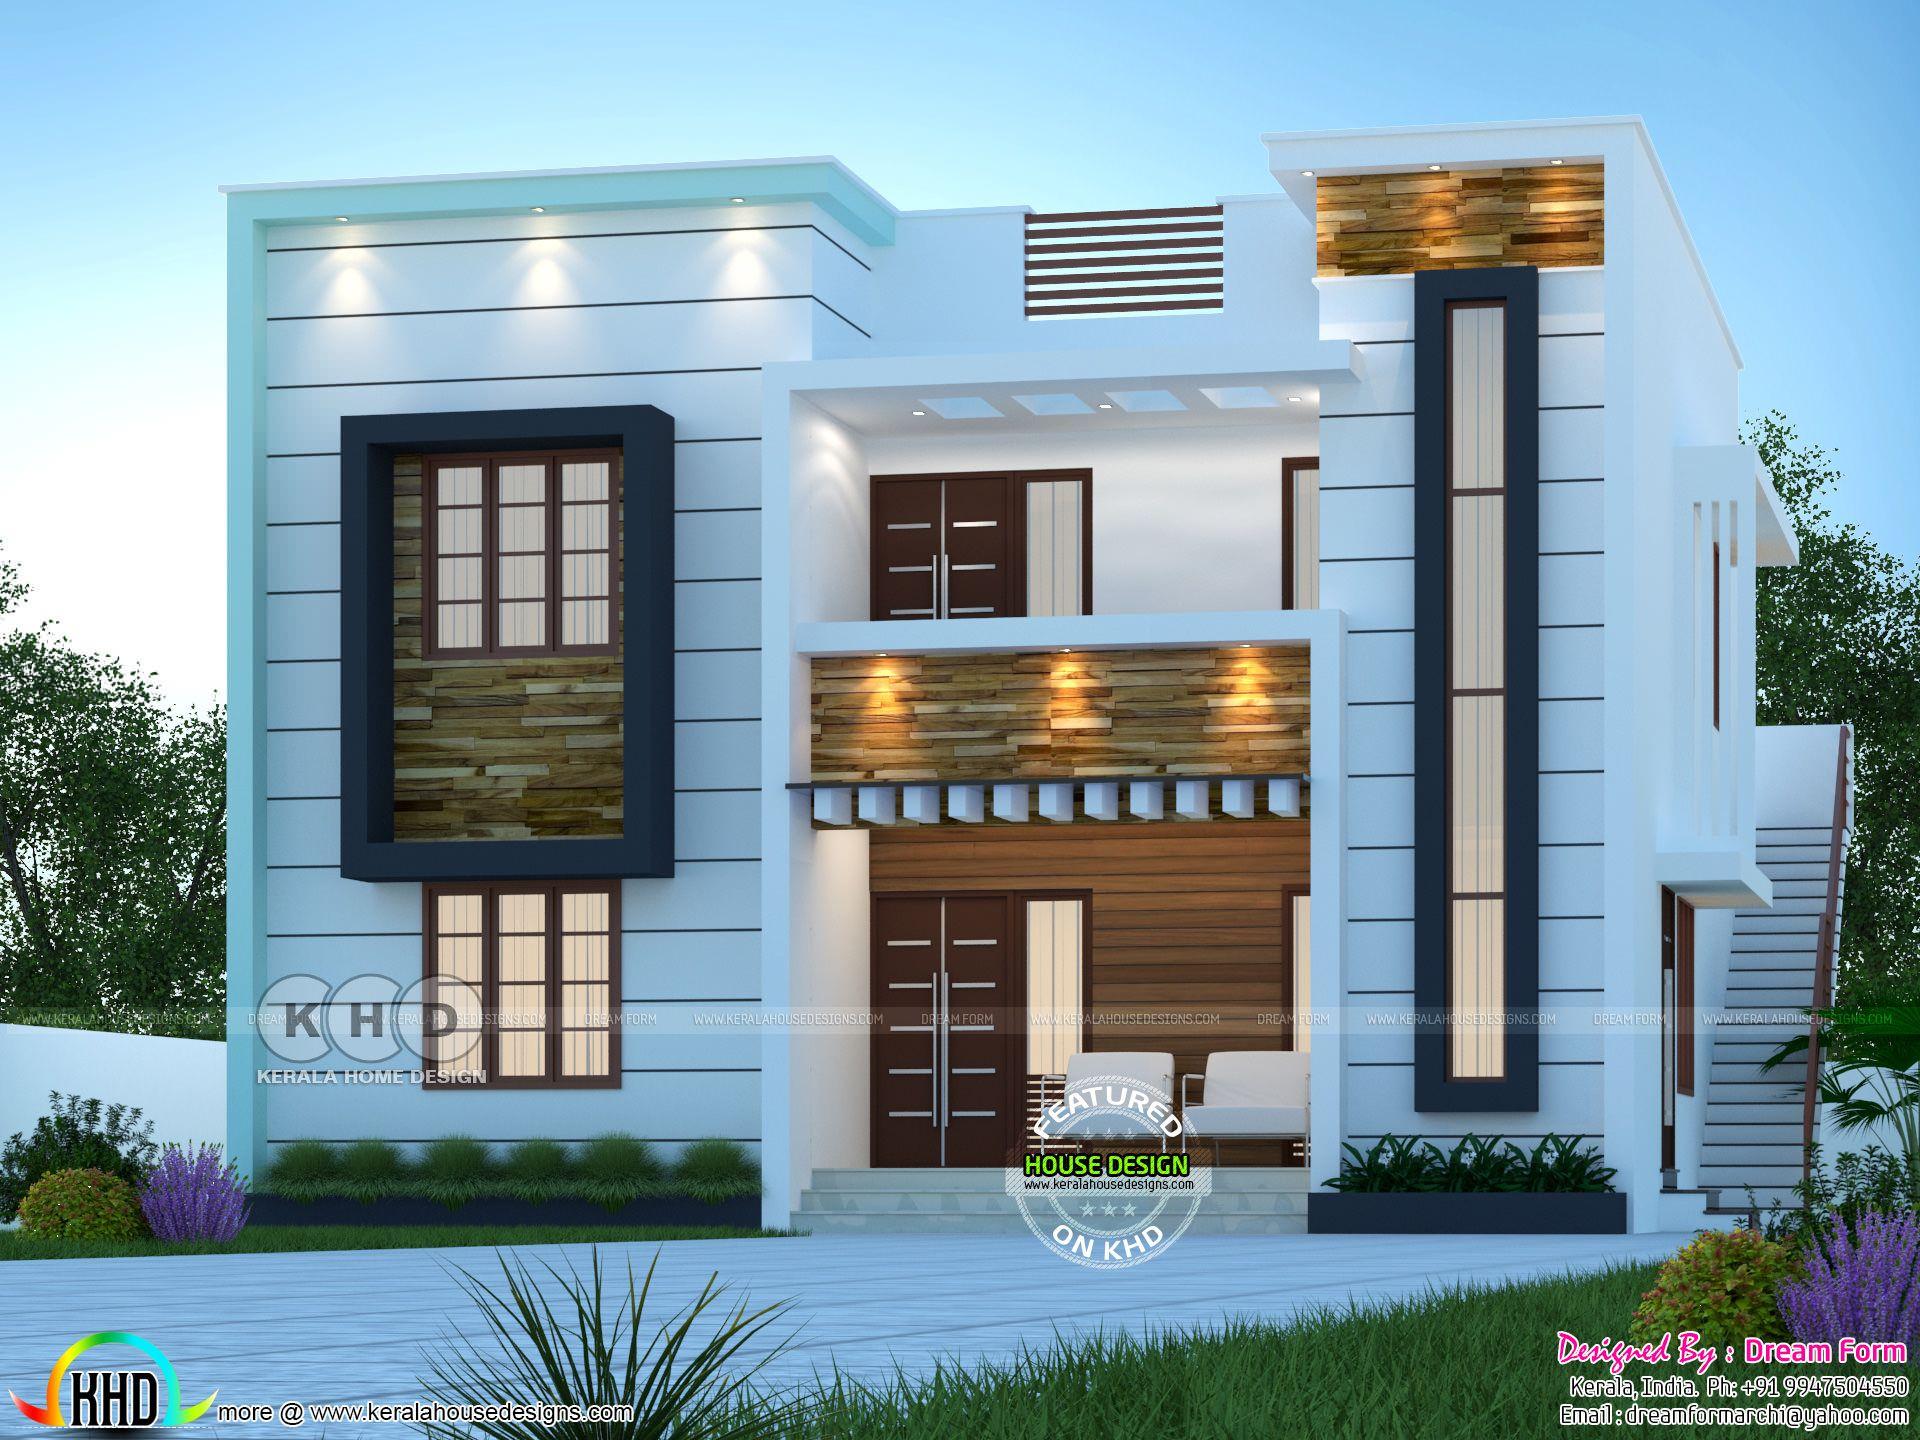 4 bedrooms 2250 sq.ft modern duplex home design in 2020